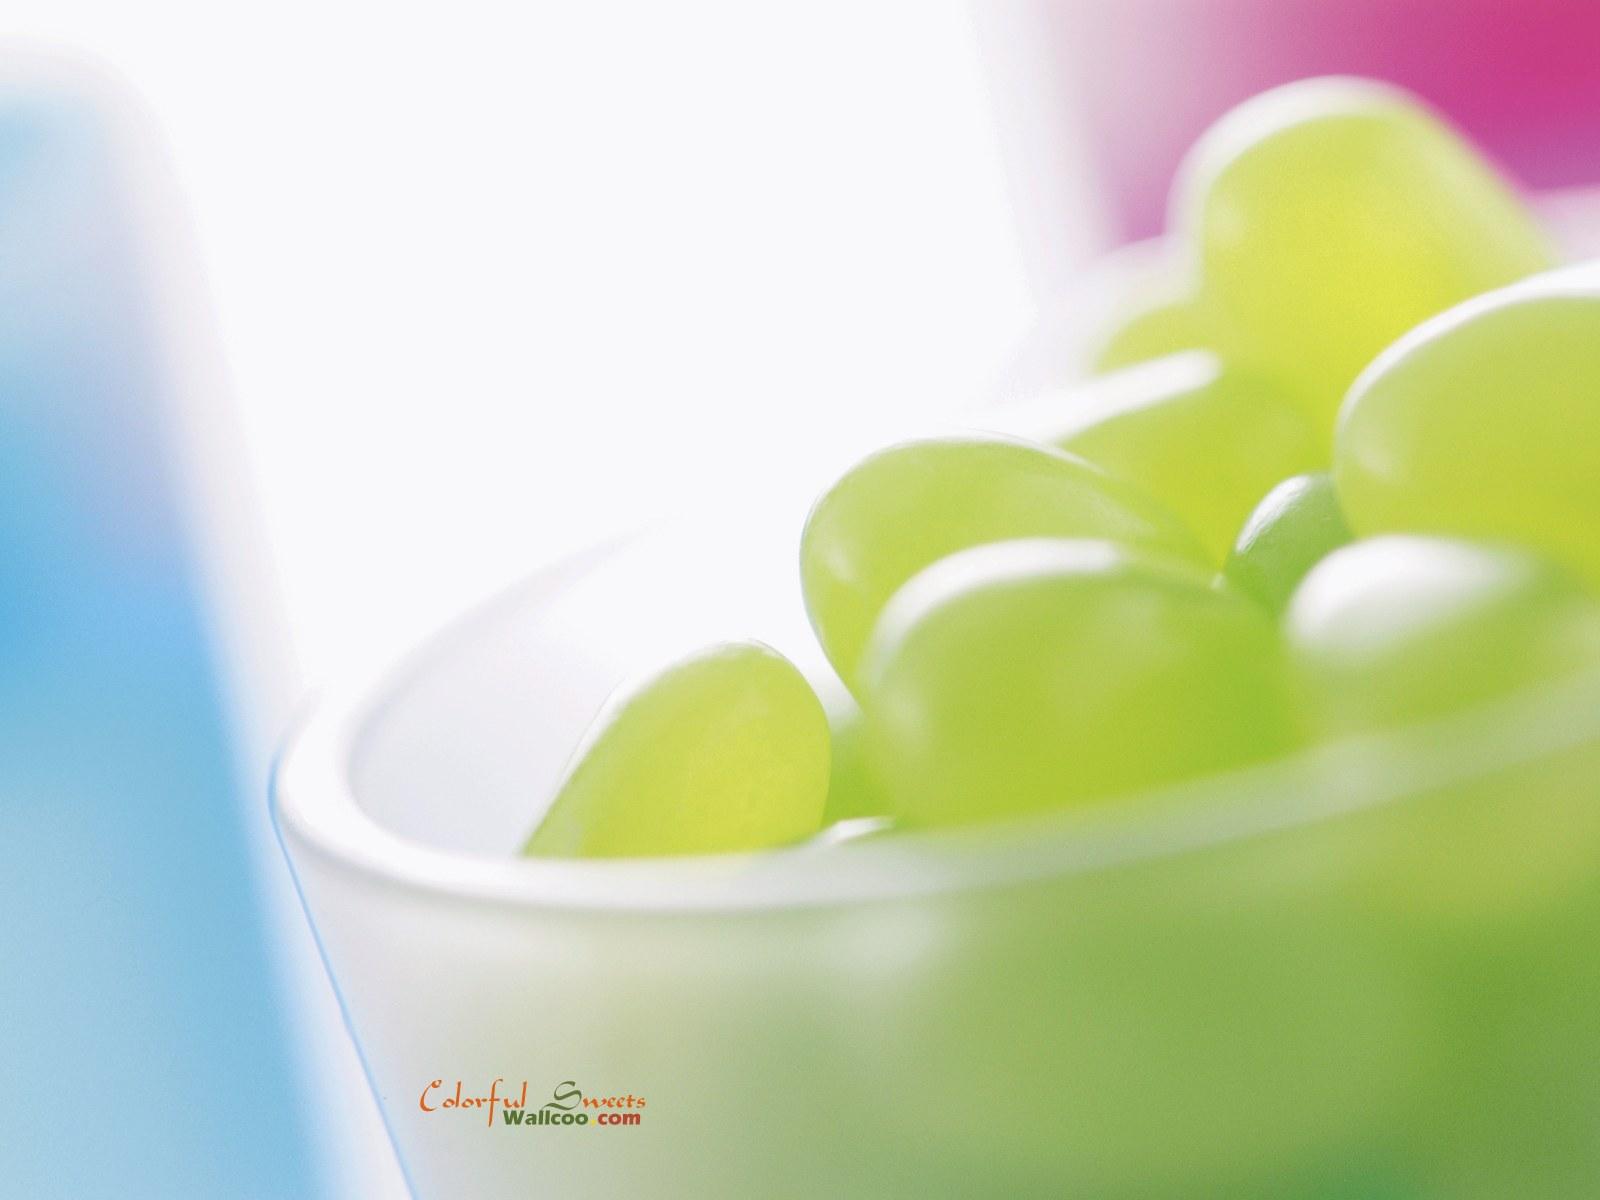 非常可爱的缤纷糖果高清背景图片素材3(25p)[中国